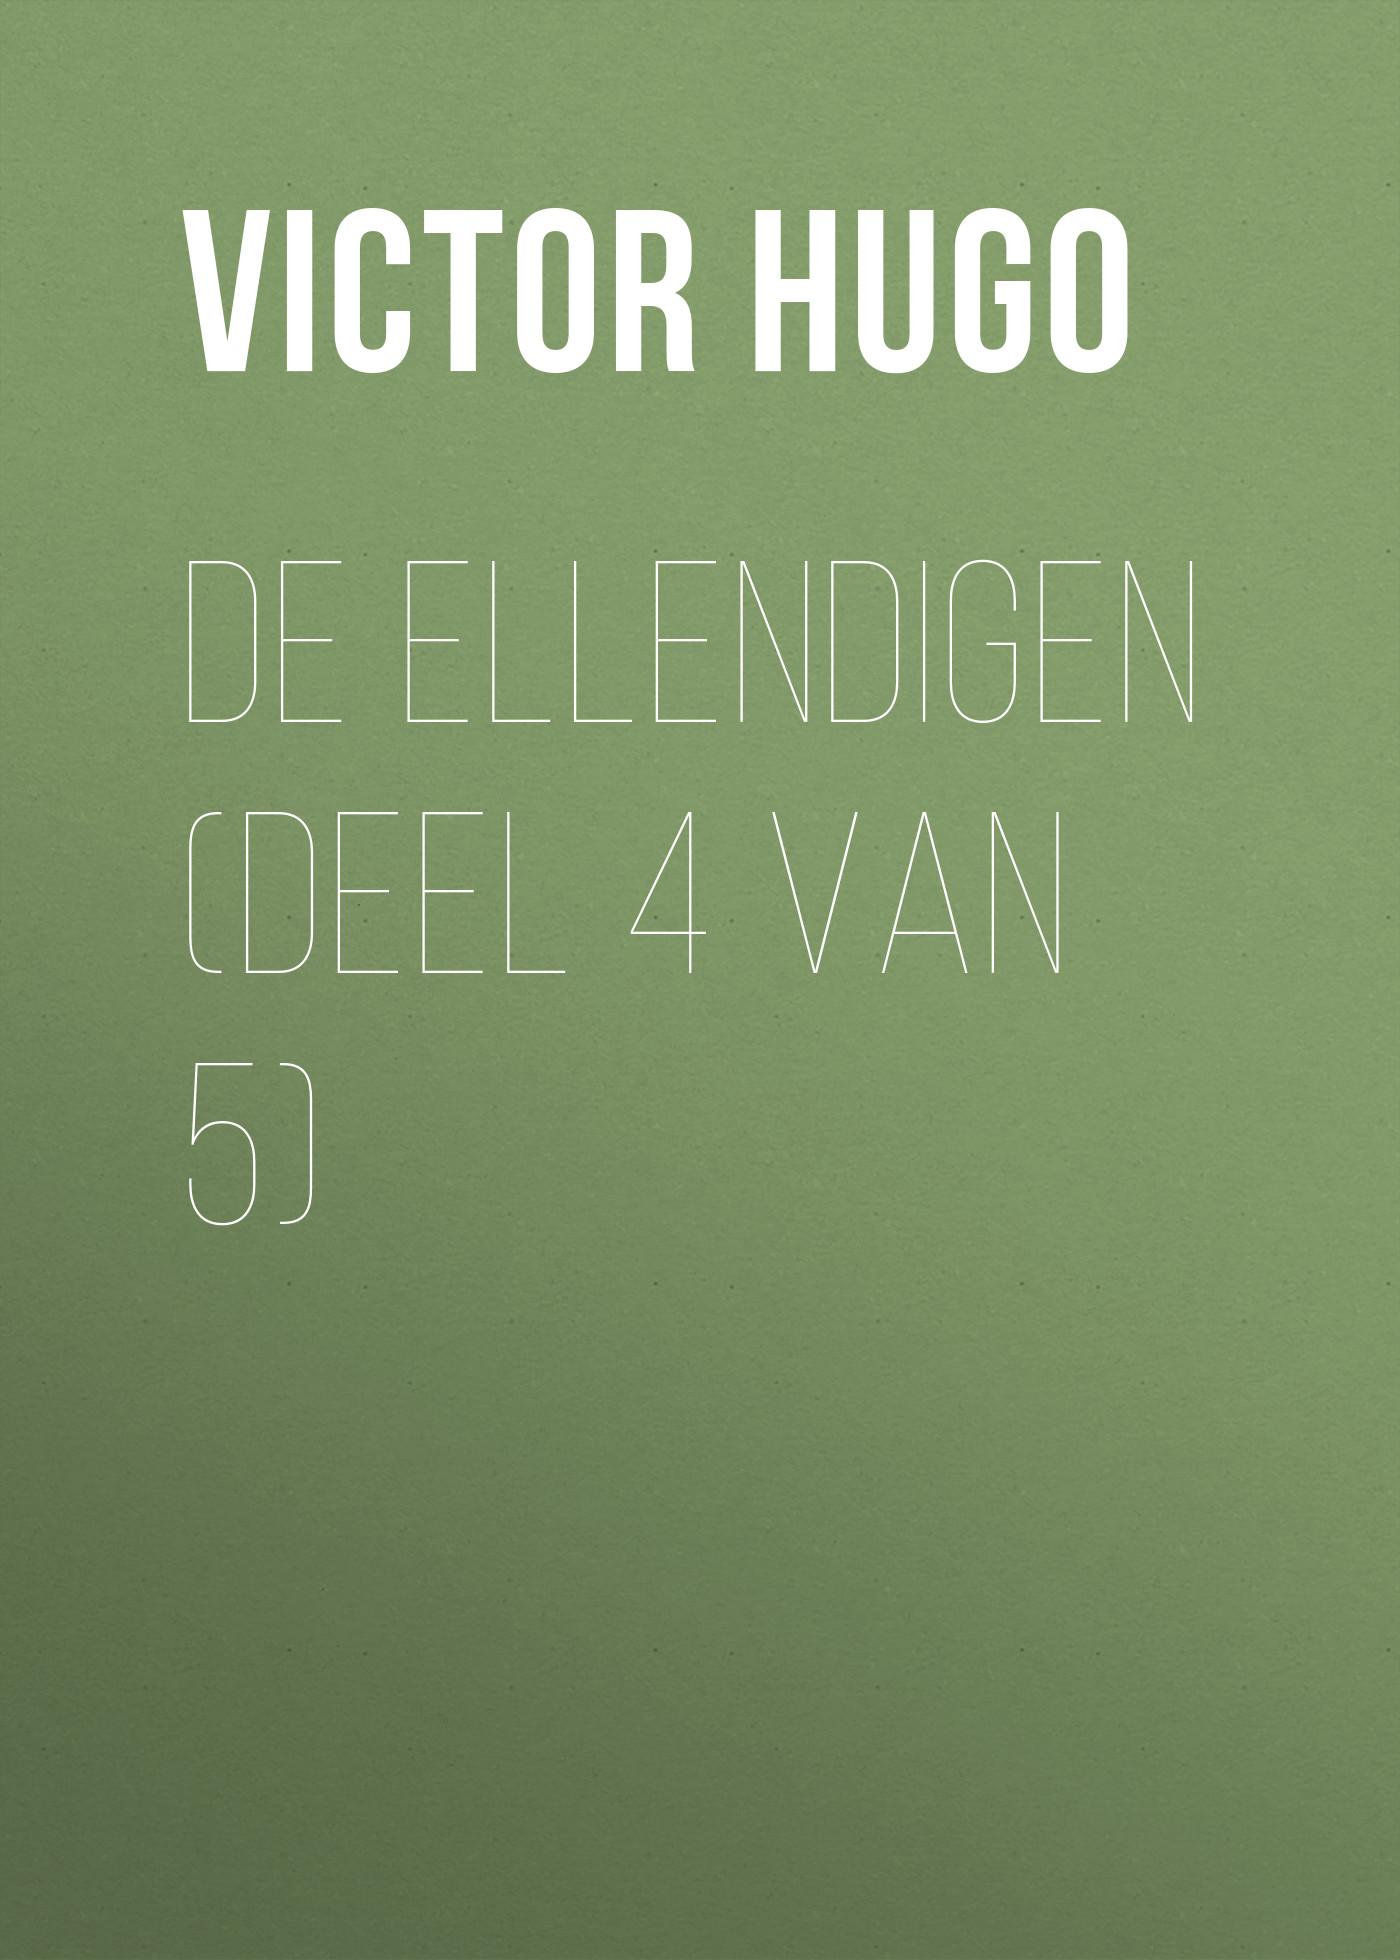 лучшая цена Виктор Мари Гюго De Ellendigen (Deel 4 van 5)